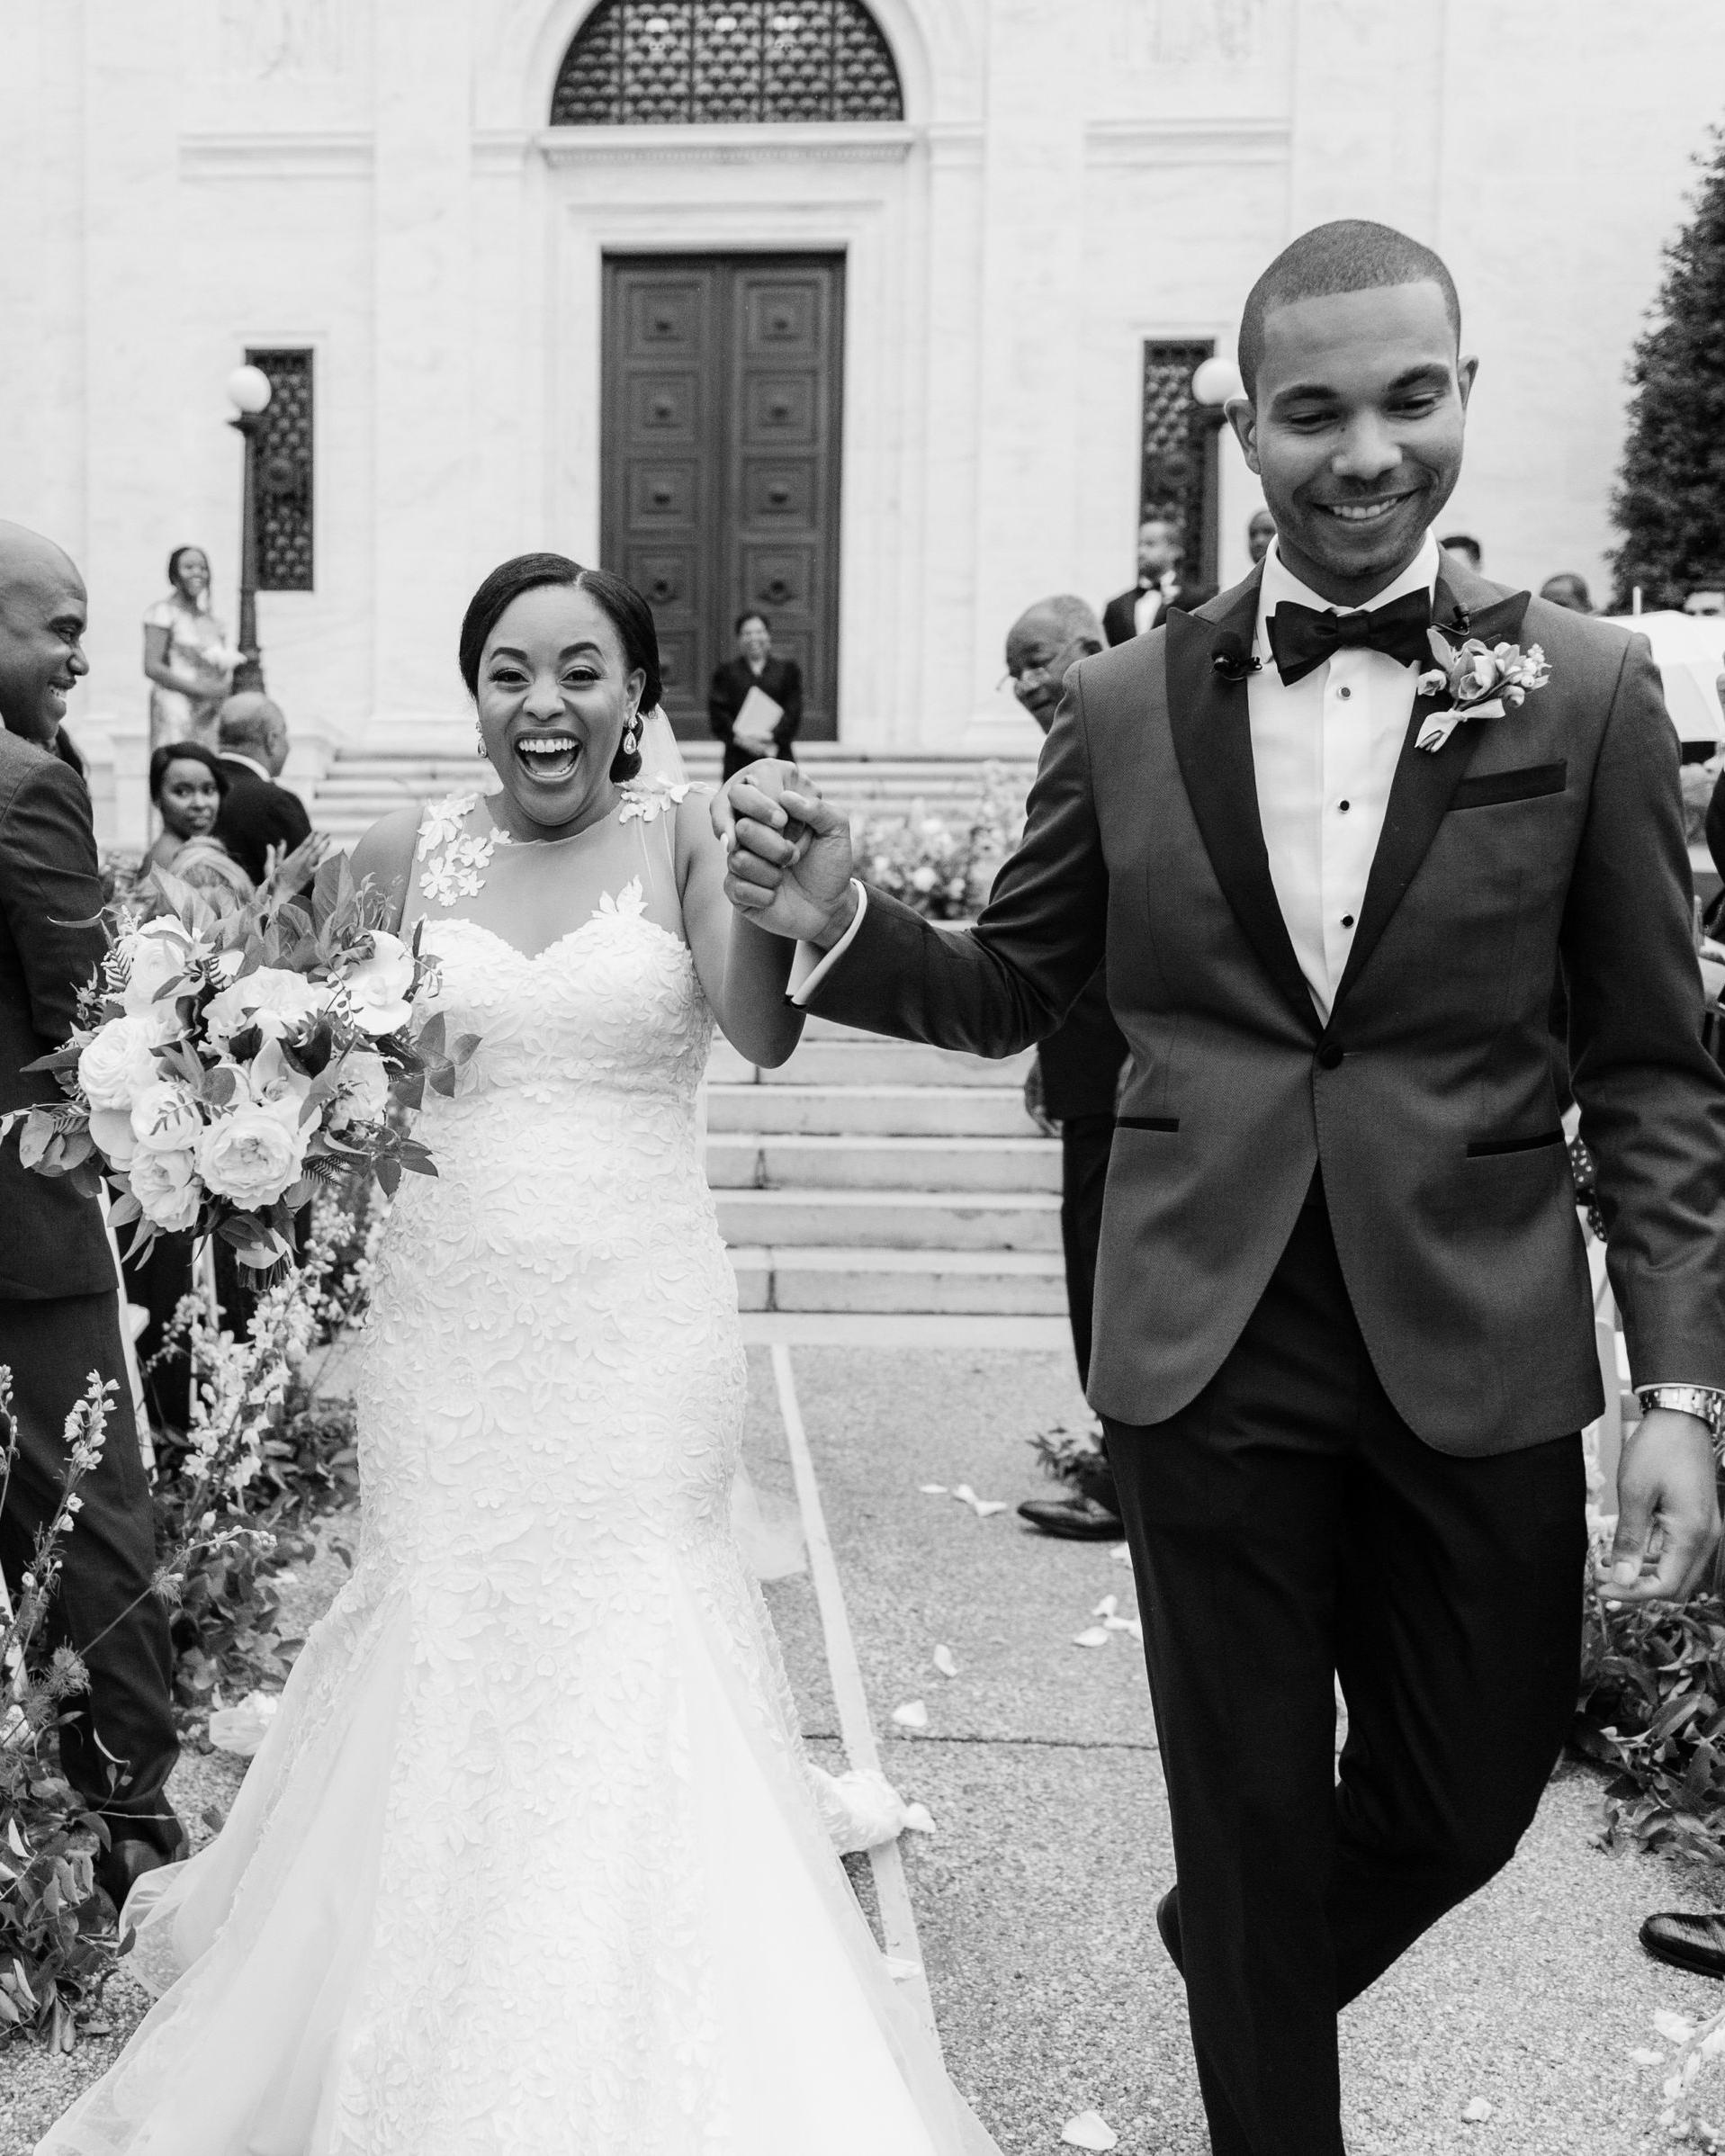 melissa justen wedding bride and groom recessional